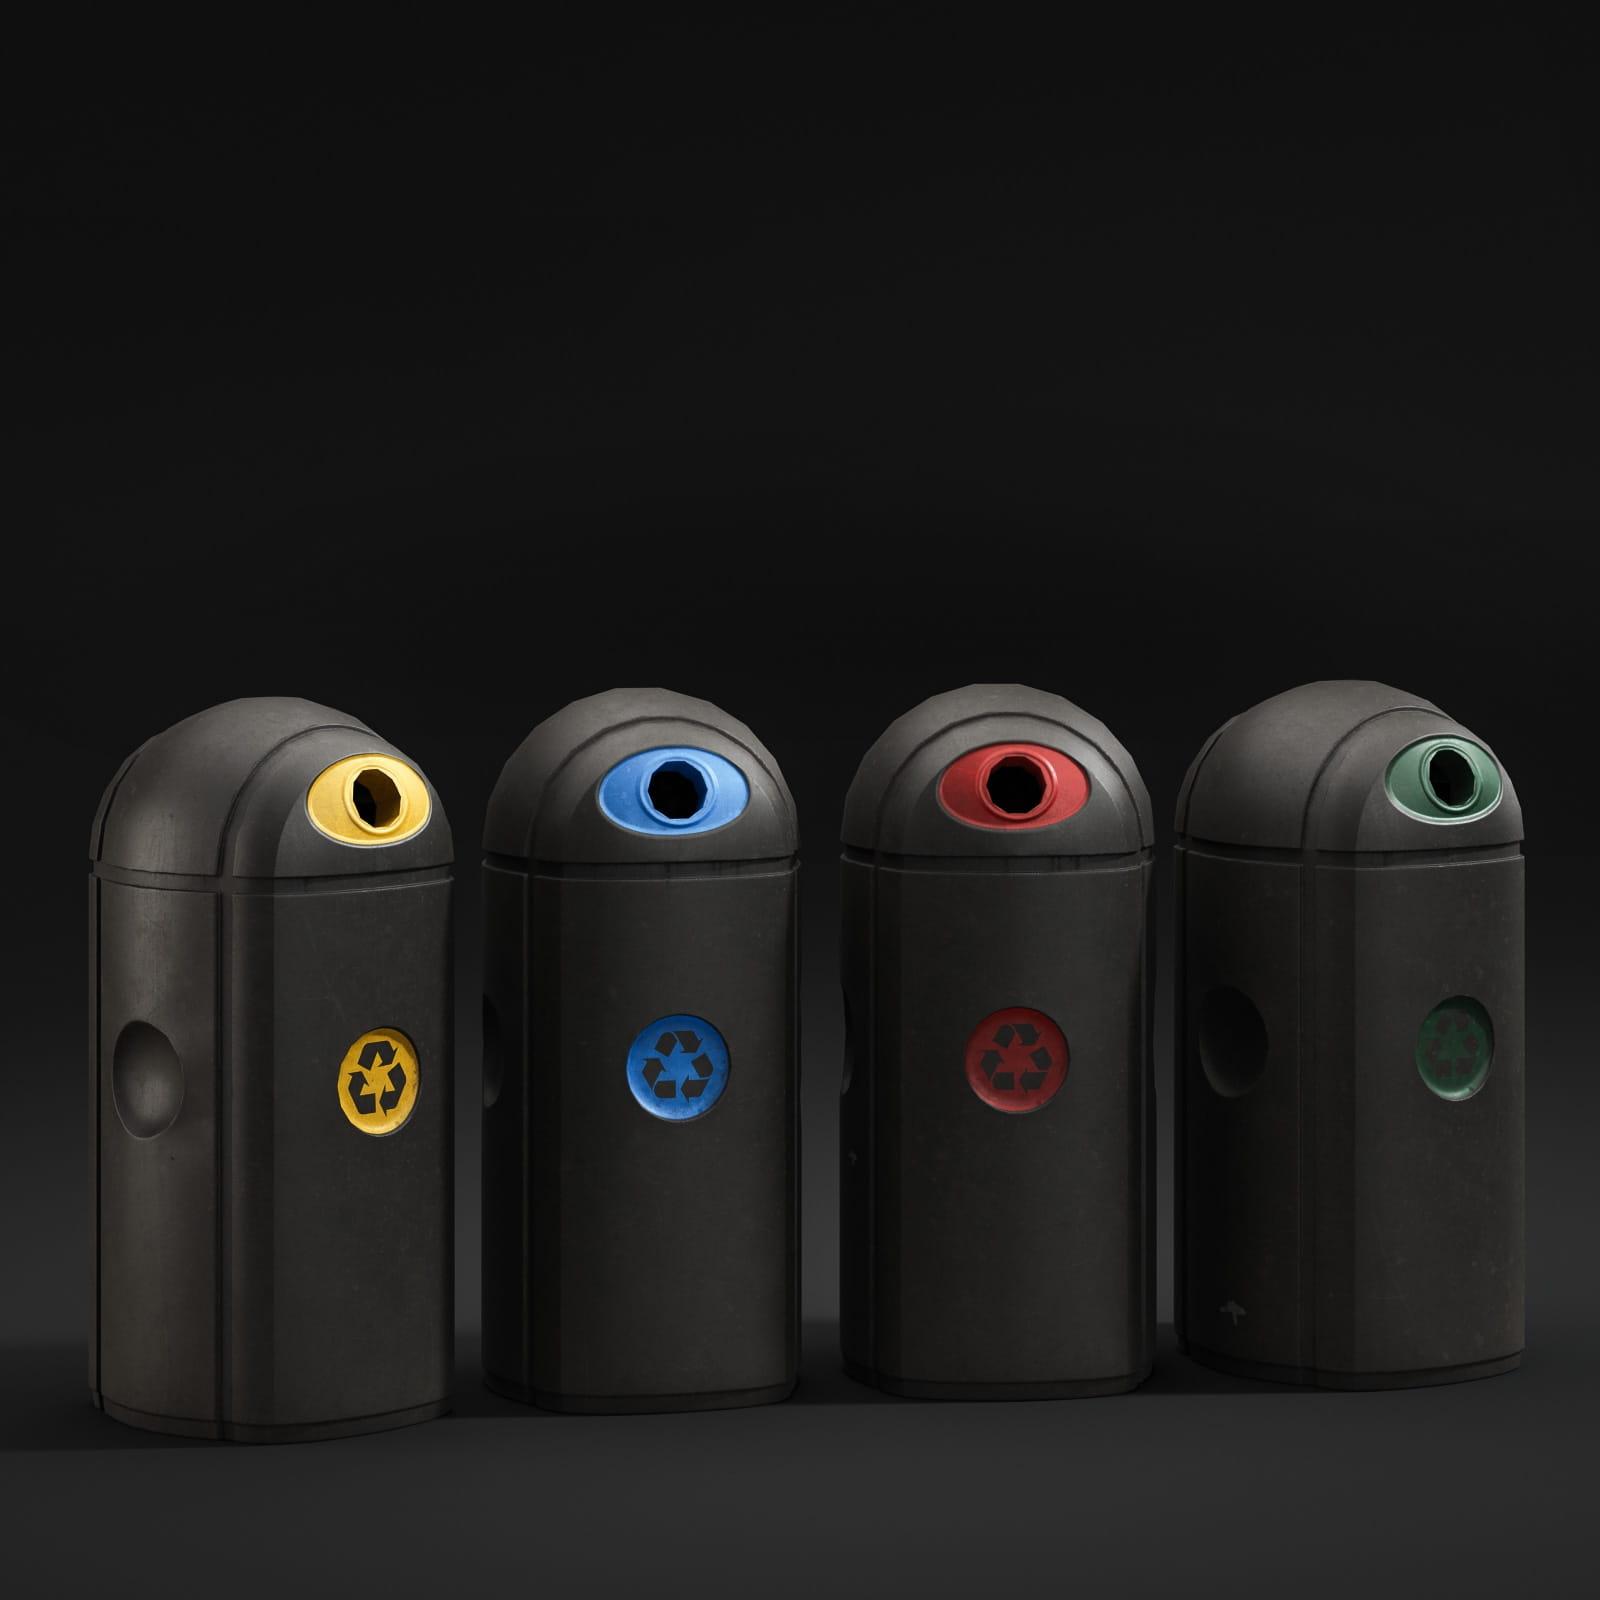 trash cans 37 AM211 Archmodels